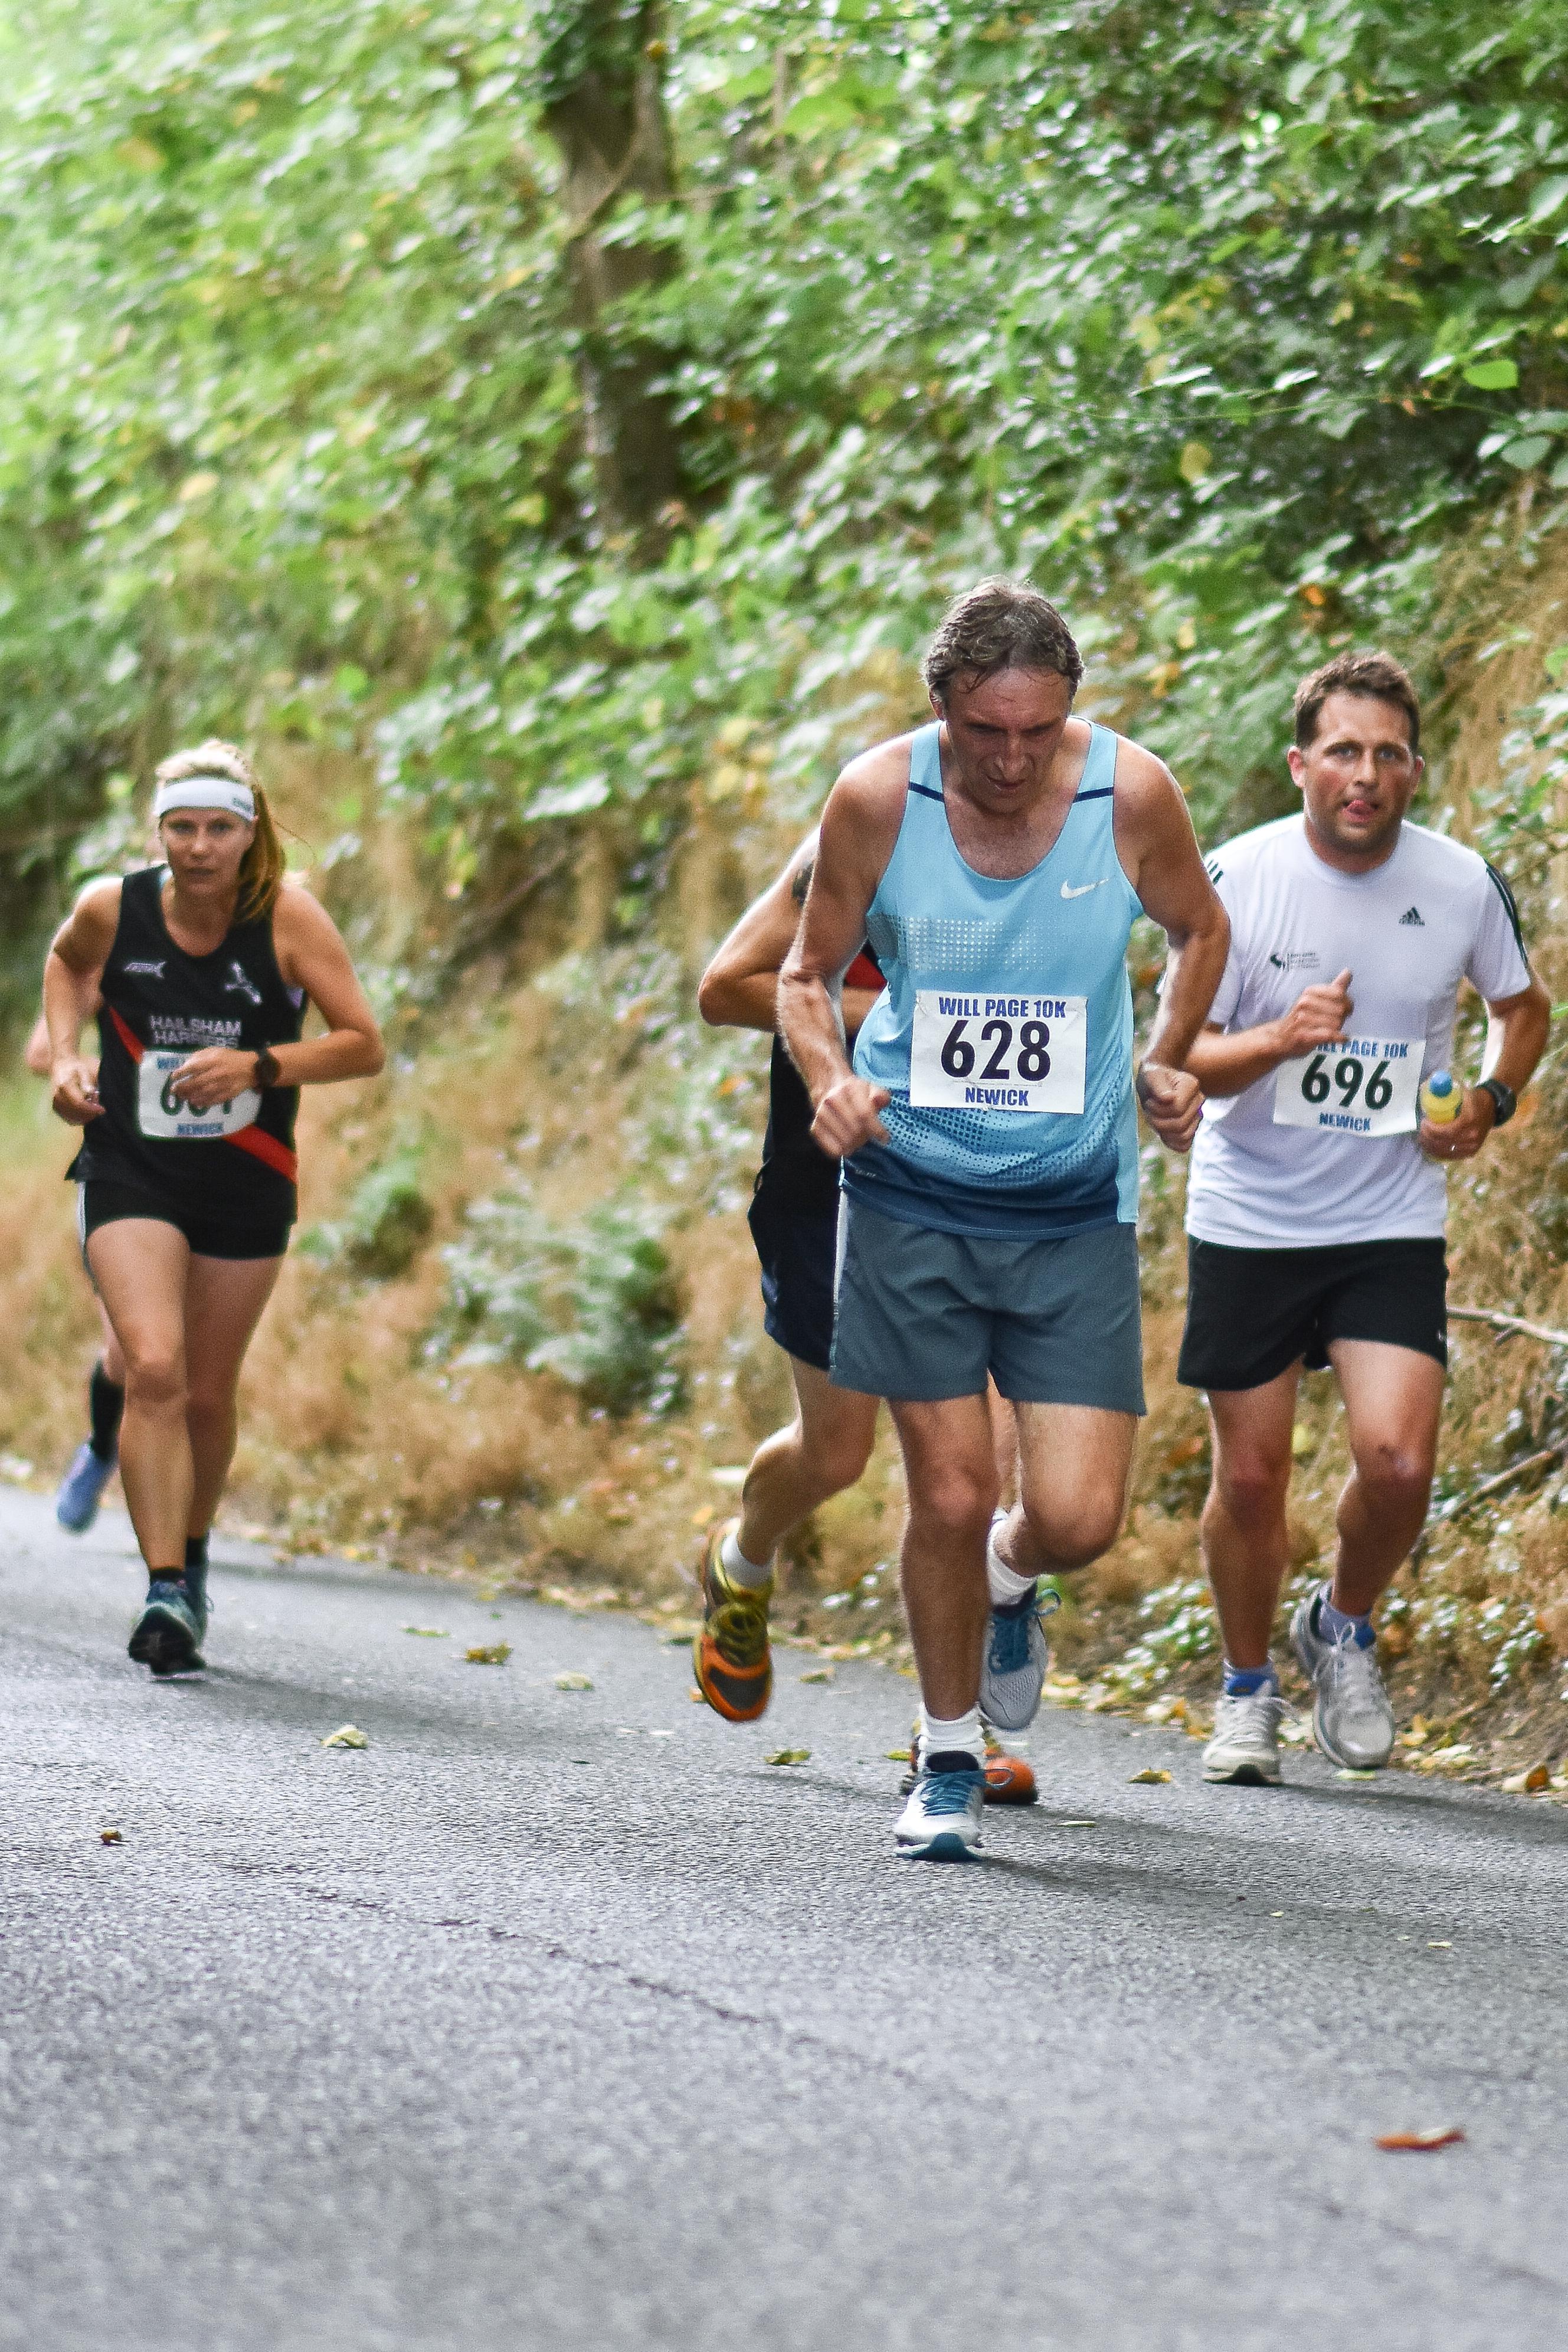 Runner - 628